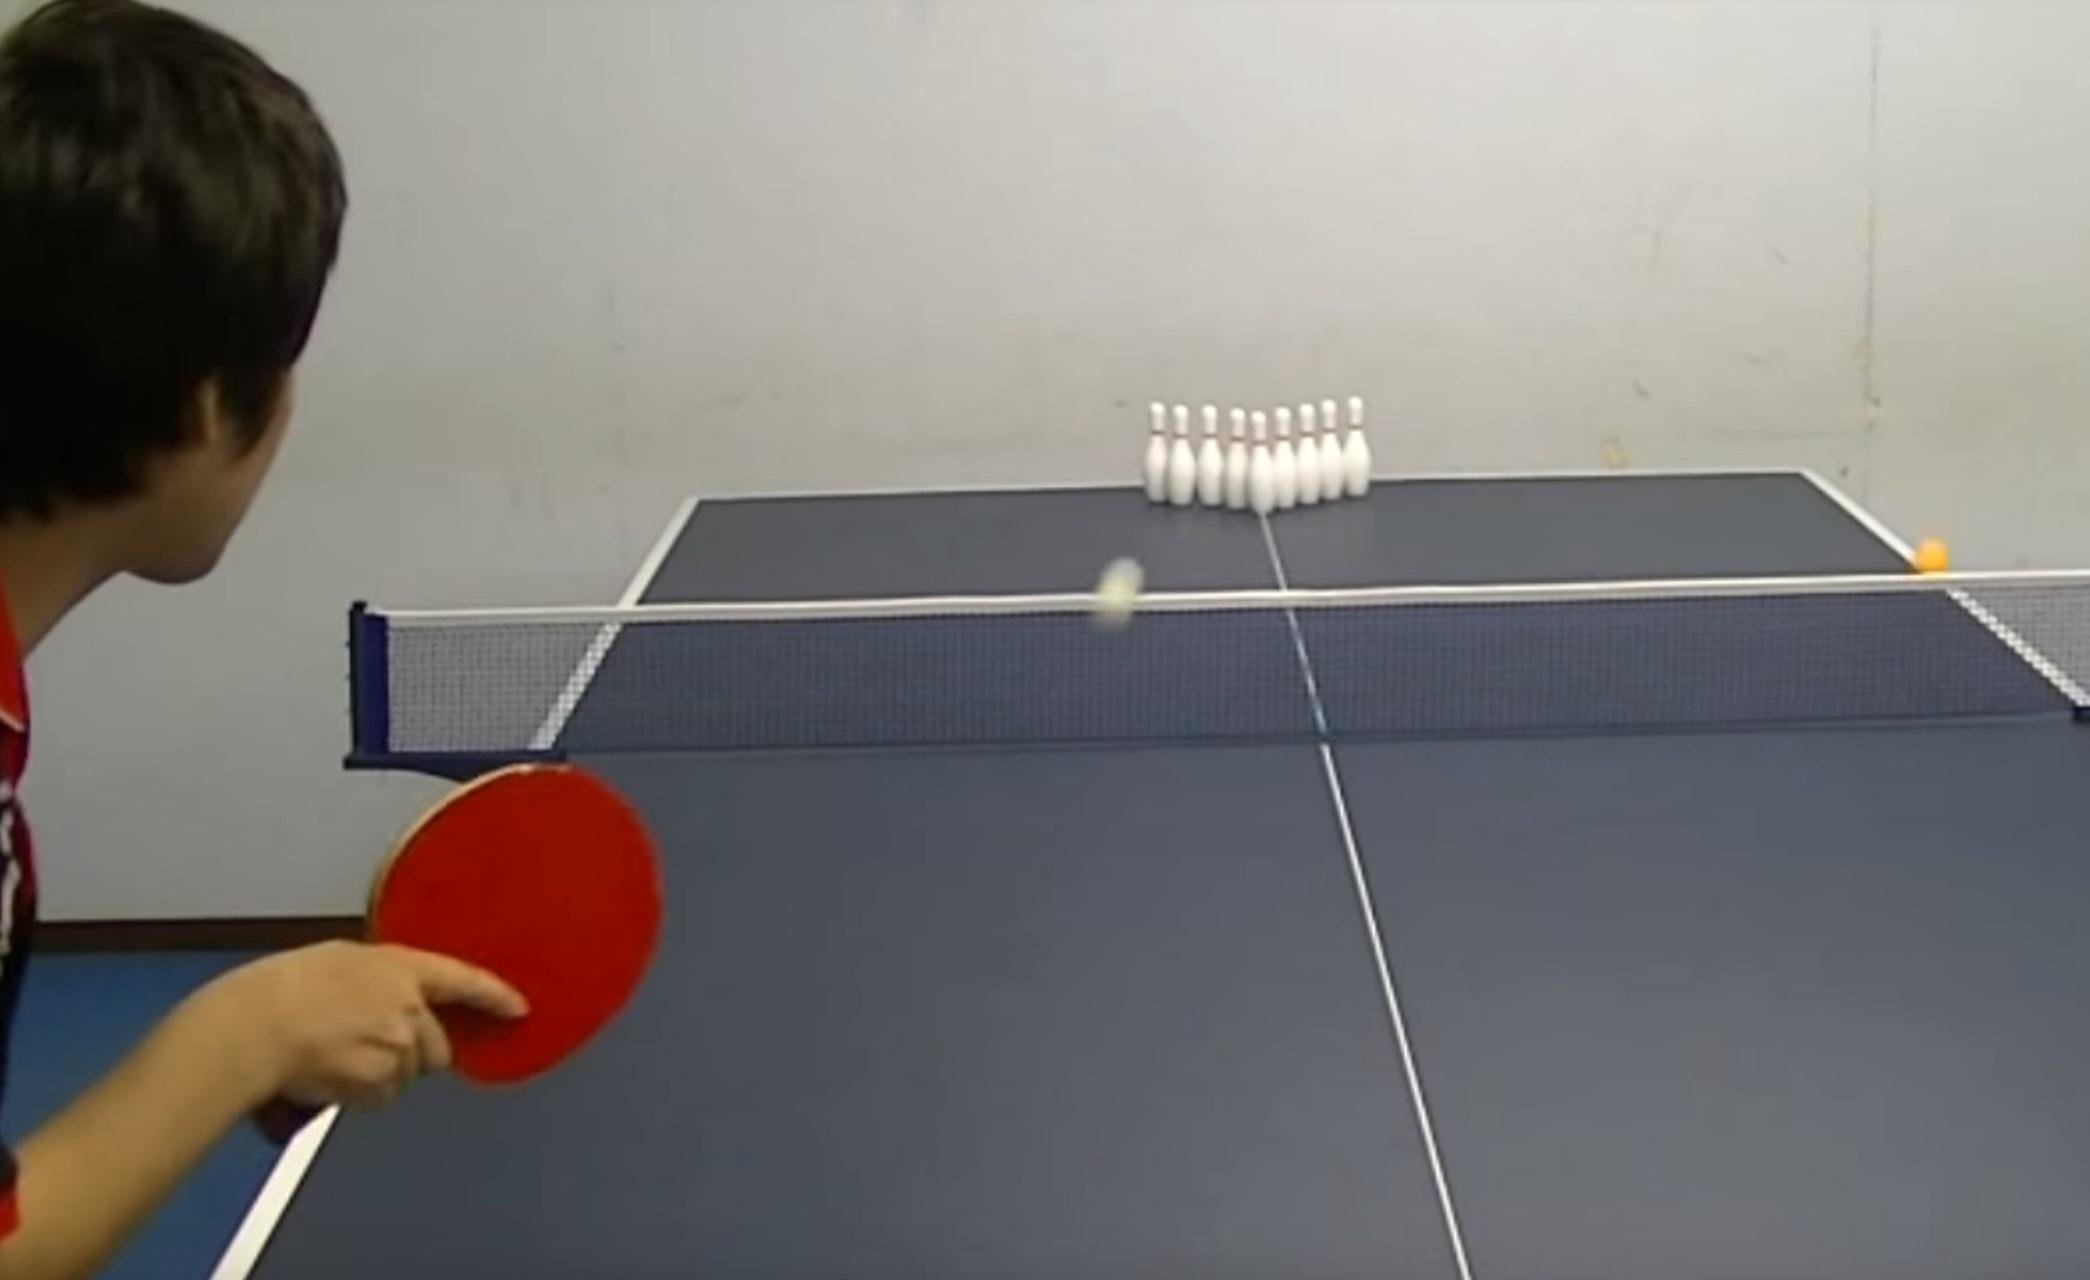 Čo takto zahrať si ping pong?